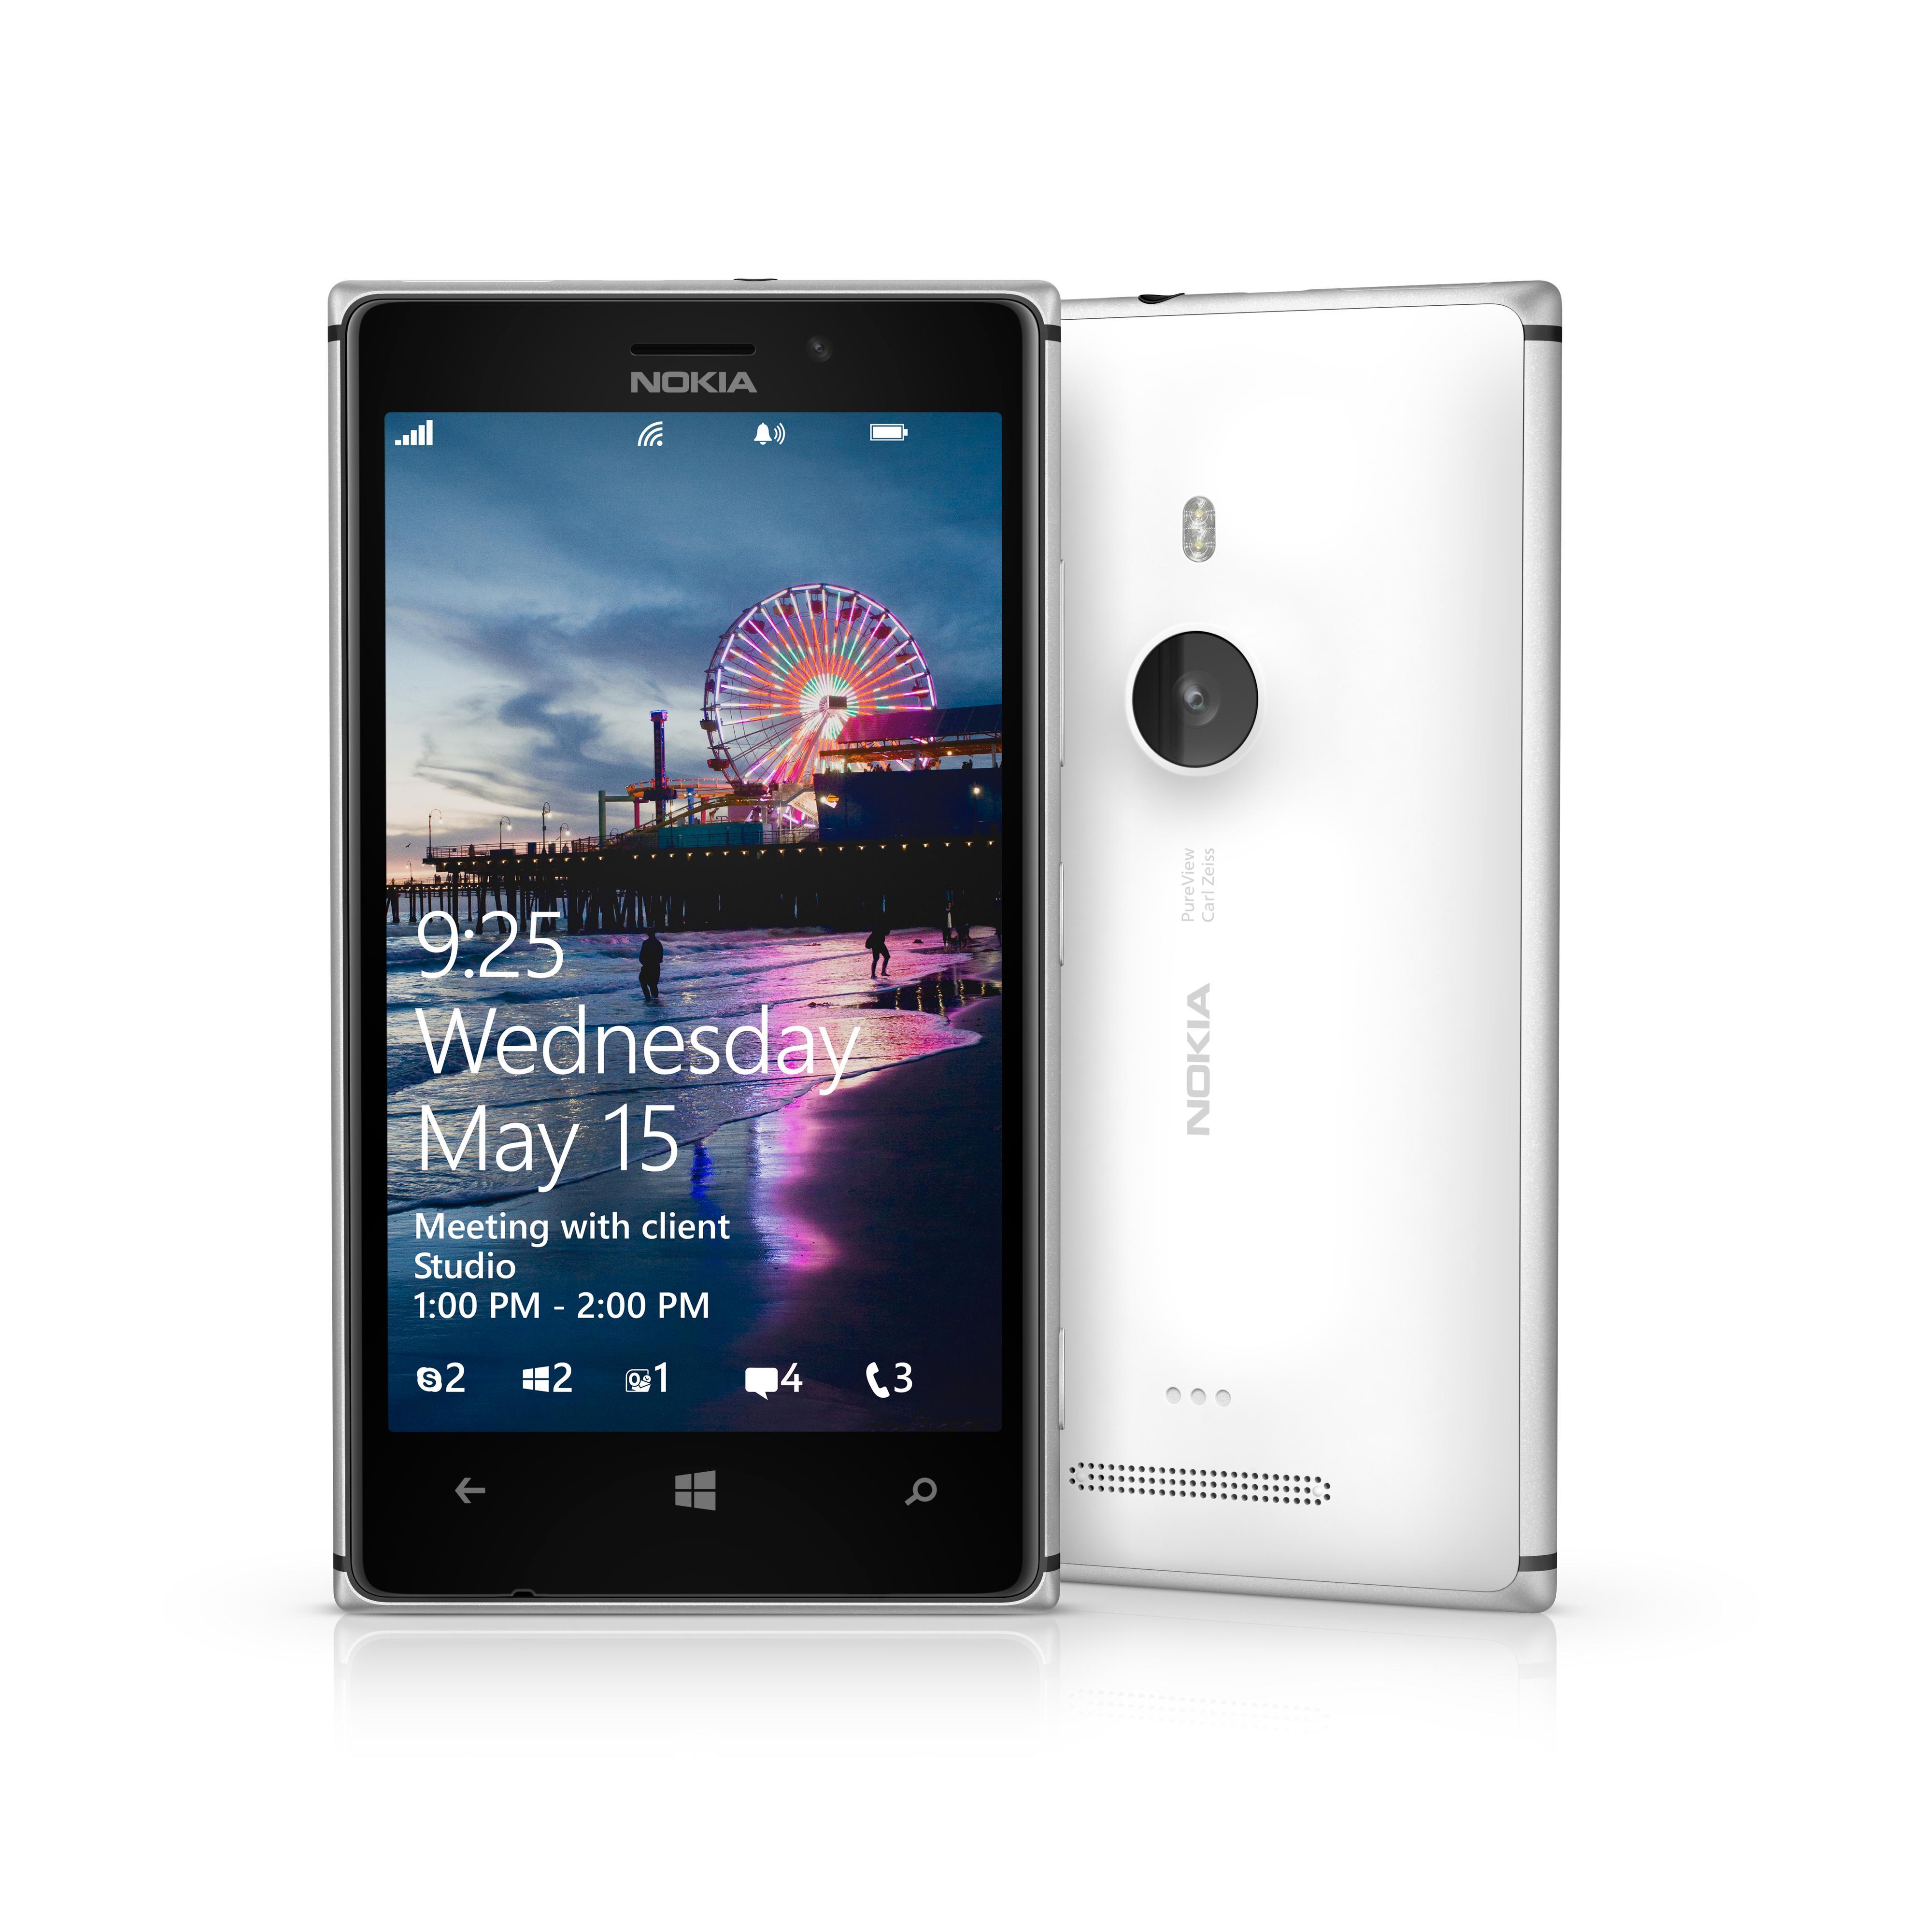 Lumia 925 deler de fleste spesifikasjonene med Lumia 920, men den nye er både mer kompakt og lettere.Foto: Nokia